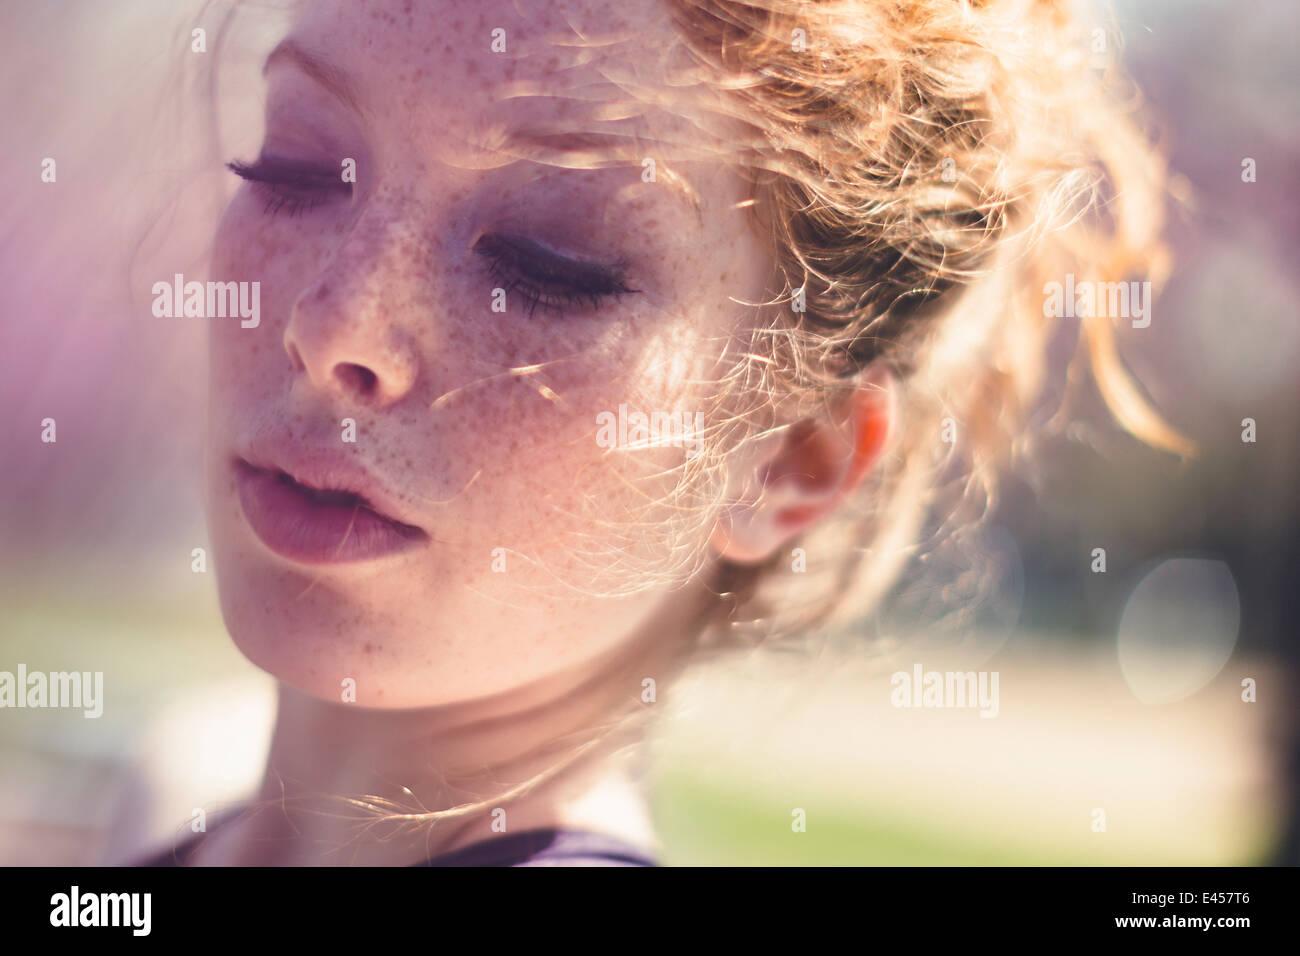 Retrato de una joven mujer de pelo rojo Imagen De Stock